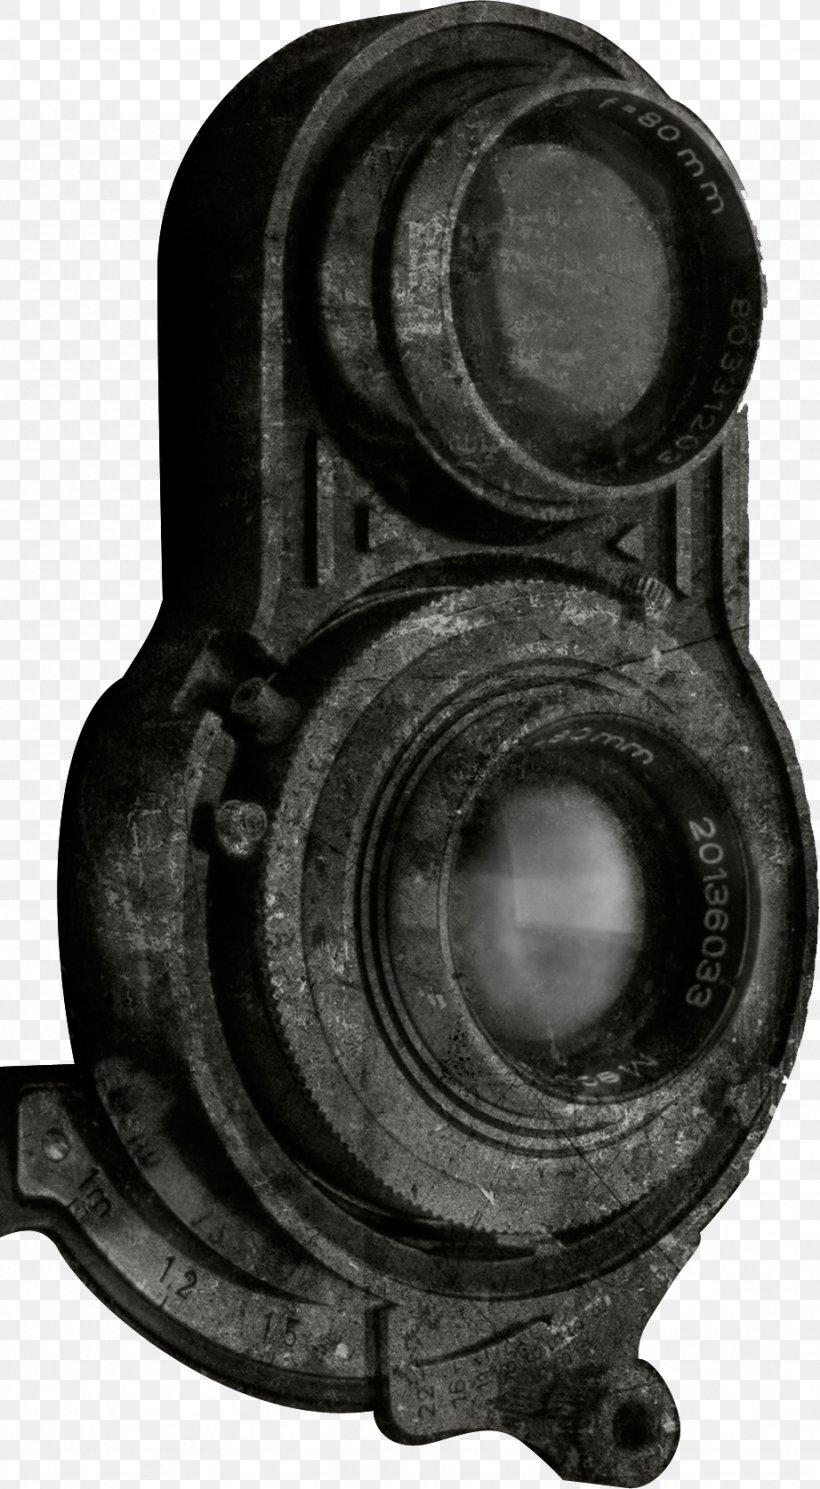 Industrial Revolution Steam Engine Steampunk, PNG, 922x1675px, Industrial Revolution, Black And White, Computer Hardware, Engine, Hardware Download Free